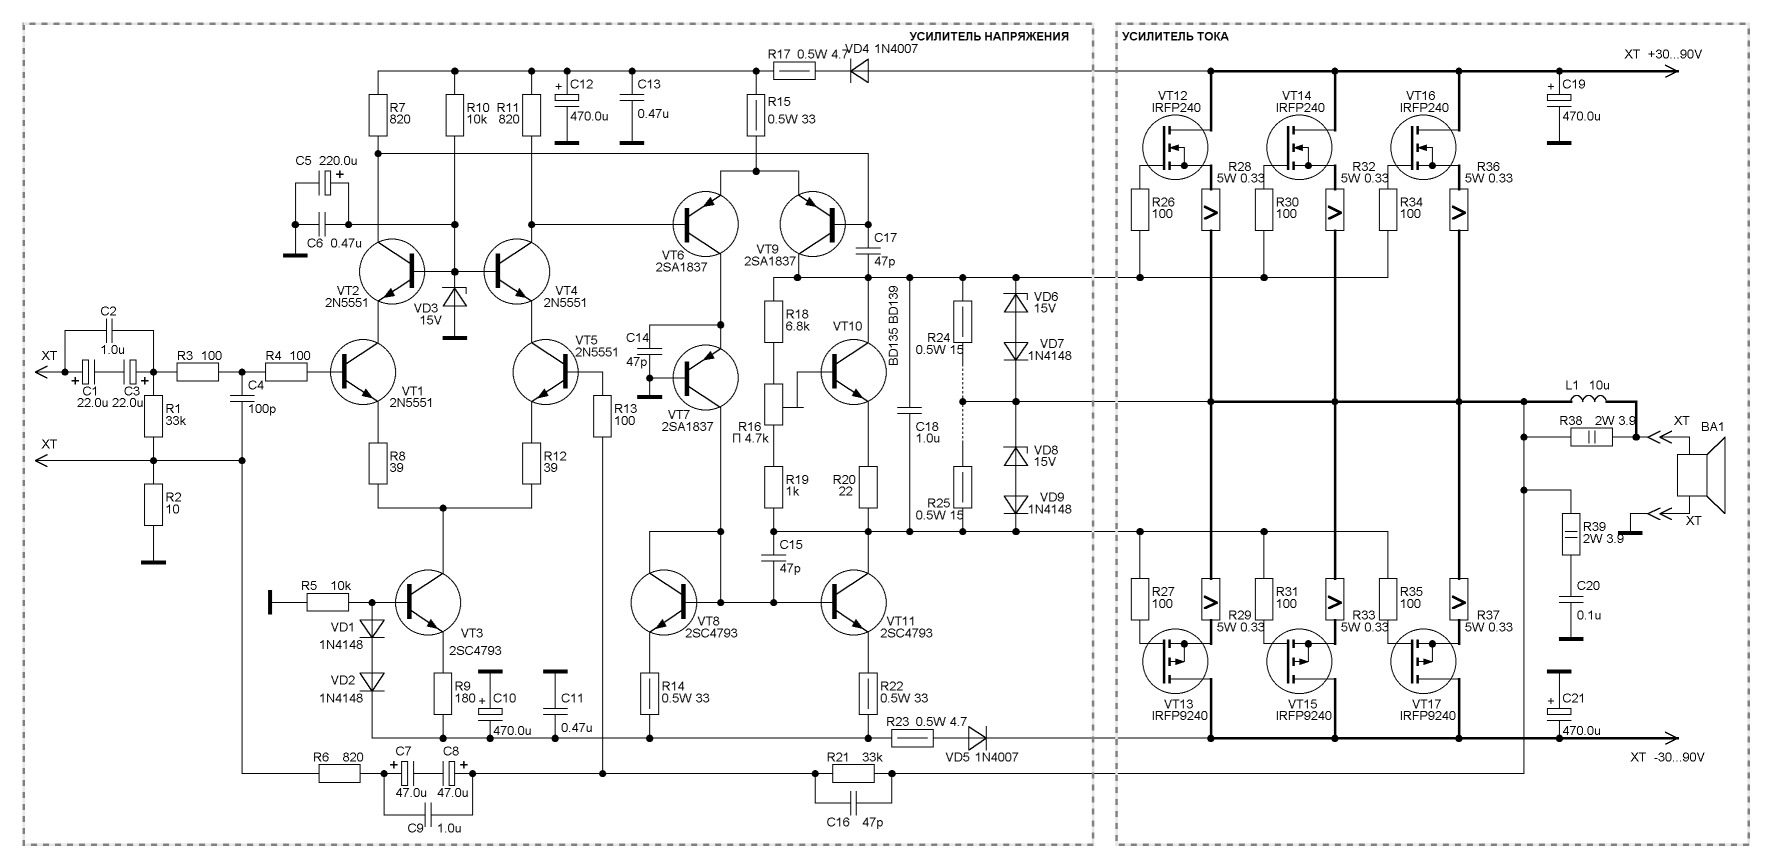 Принципиальные электрические схемы усилителей4